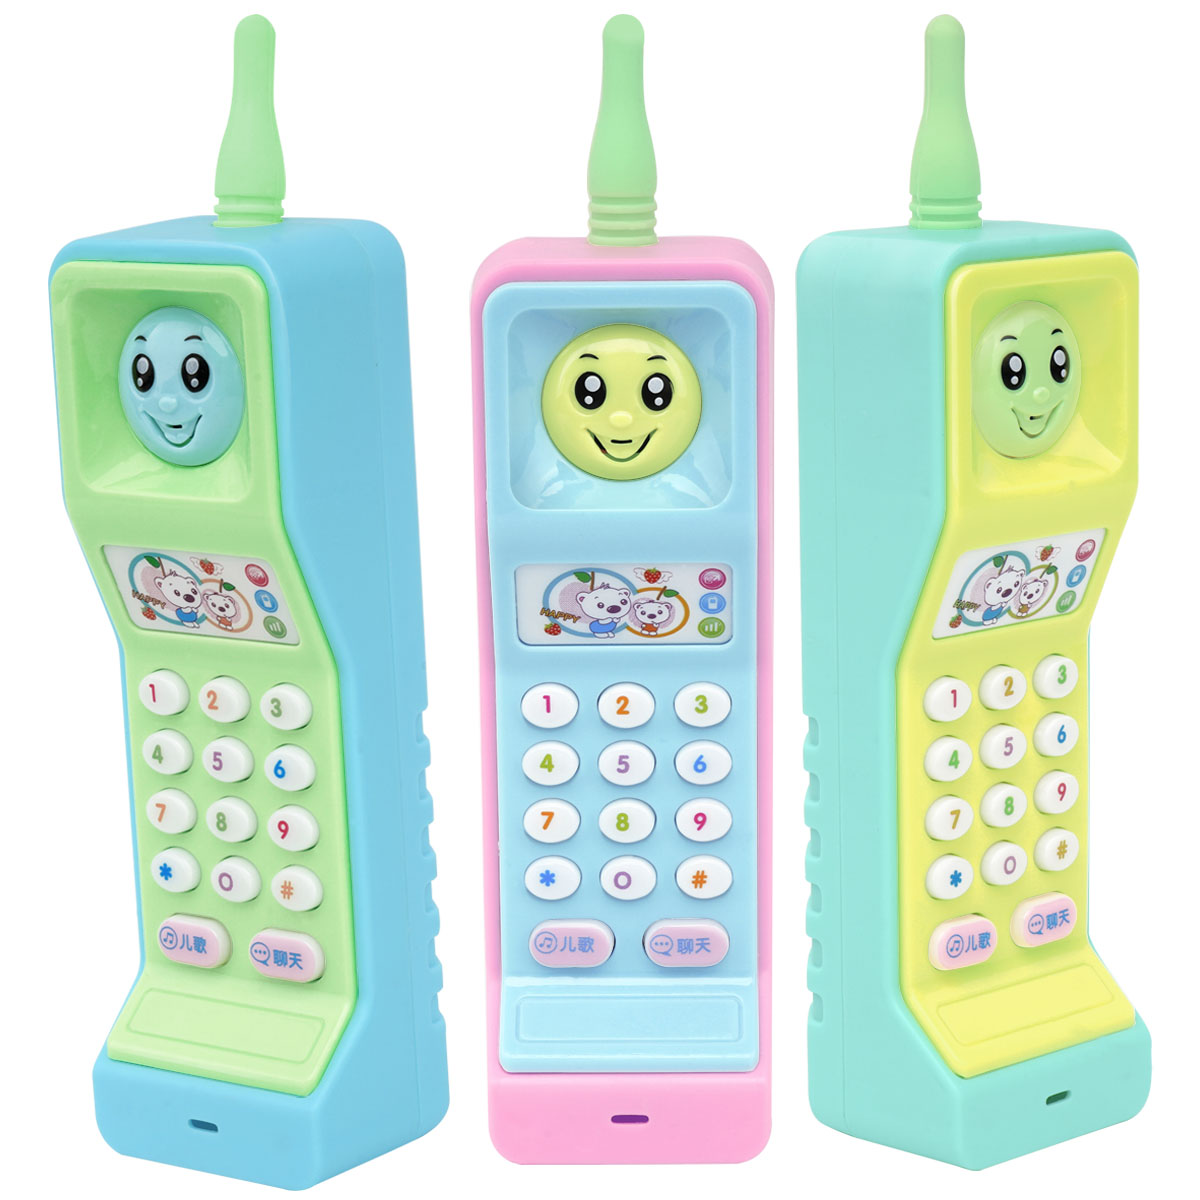 大哥大儿童玩具手机婴儿女孩宝宝仿真电话可咬防口水0-1-3岁_天猫超市优惠券